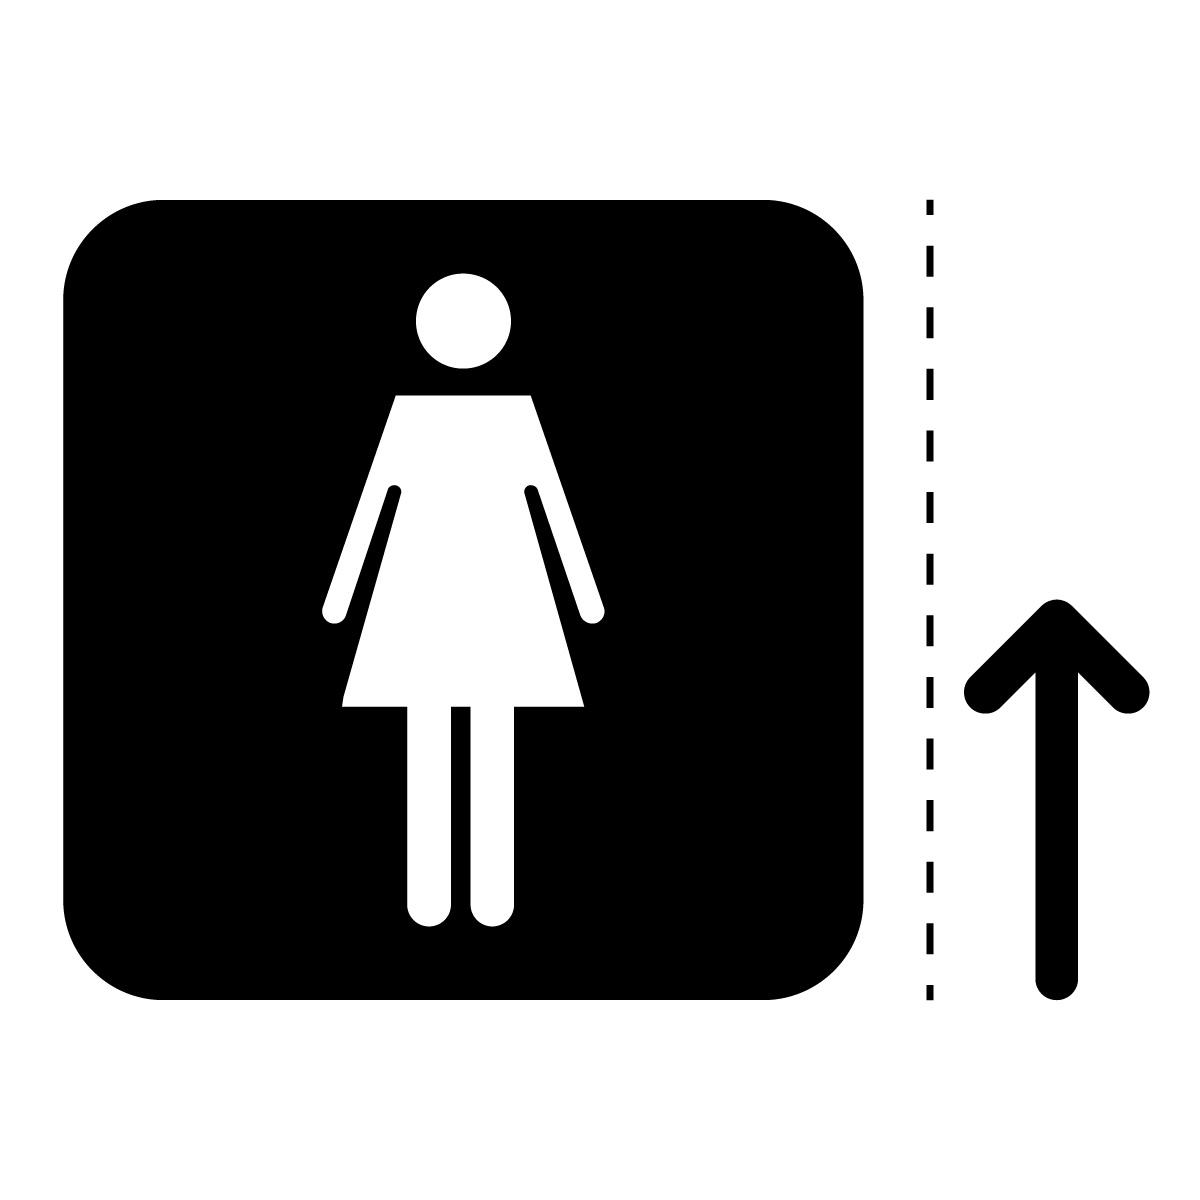 黒色の女性トイレ案内マーク(矢印付き)のカッティングステッカー・シール